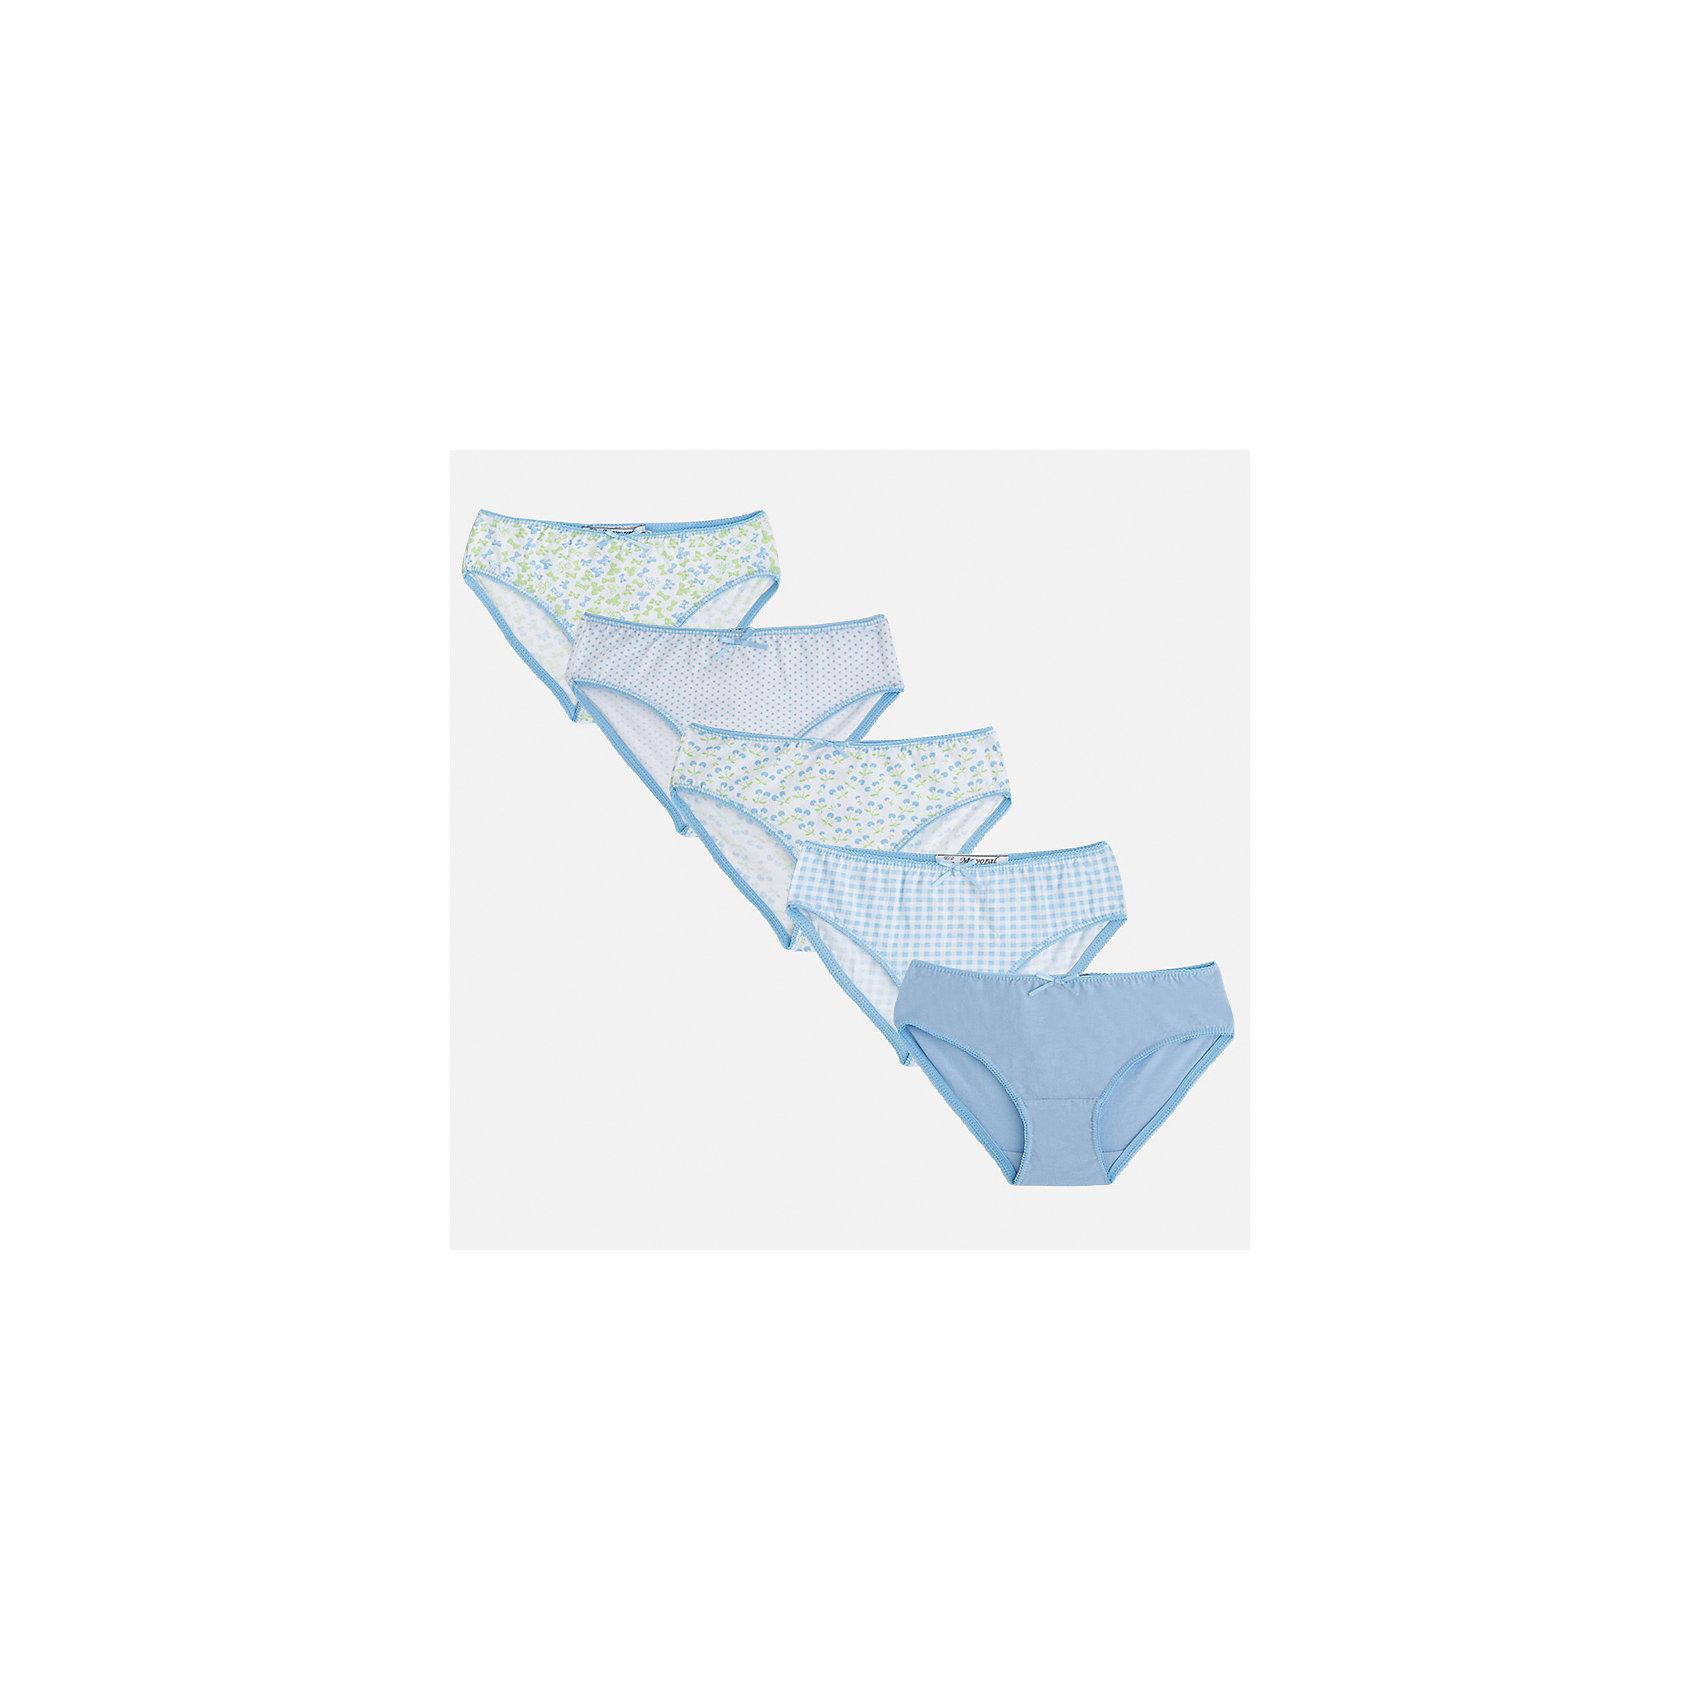 Трусы (5 шт.) для девочки MayoralНижнее бельё<br>Характеристики товара:<br><br>• цвет: белый/голубой<br>• состав: 100% хлопок<br>• комплектация: 5 шт.<br>• мягкая резинка<br>• эластичный материал<br>• декорированы бантом<br>• страна бренда: Испания<br><br>В комплекте - пять предметов различной расцветки. Некоторые декорированы принтом. Трусы сделаны из мягкого материала, поэтому в них ребенку будет очень удобно. В составе материала - только натуральный хлопок, гипоаллергенный, приятный на ощупь, дышащий. <br><br>Трусы (5 шт.) для девочки от испанского бренда Mayoral (Майорал) можно купить в нашем интернет-магазине.<br><br>Ширина мм: 196<br>Глубина мм: 10<br>Высота мм: 154<br>Вес г: 152<br>Цвет: голубой<br>Возраст от месяцев: 18<br>Возраст до месяцев: 24<br>Пол: Женский<br>Возраст: Детский<br>Размер: 92,158,104,116,128/134,140,152<br>SKU: 5293420